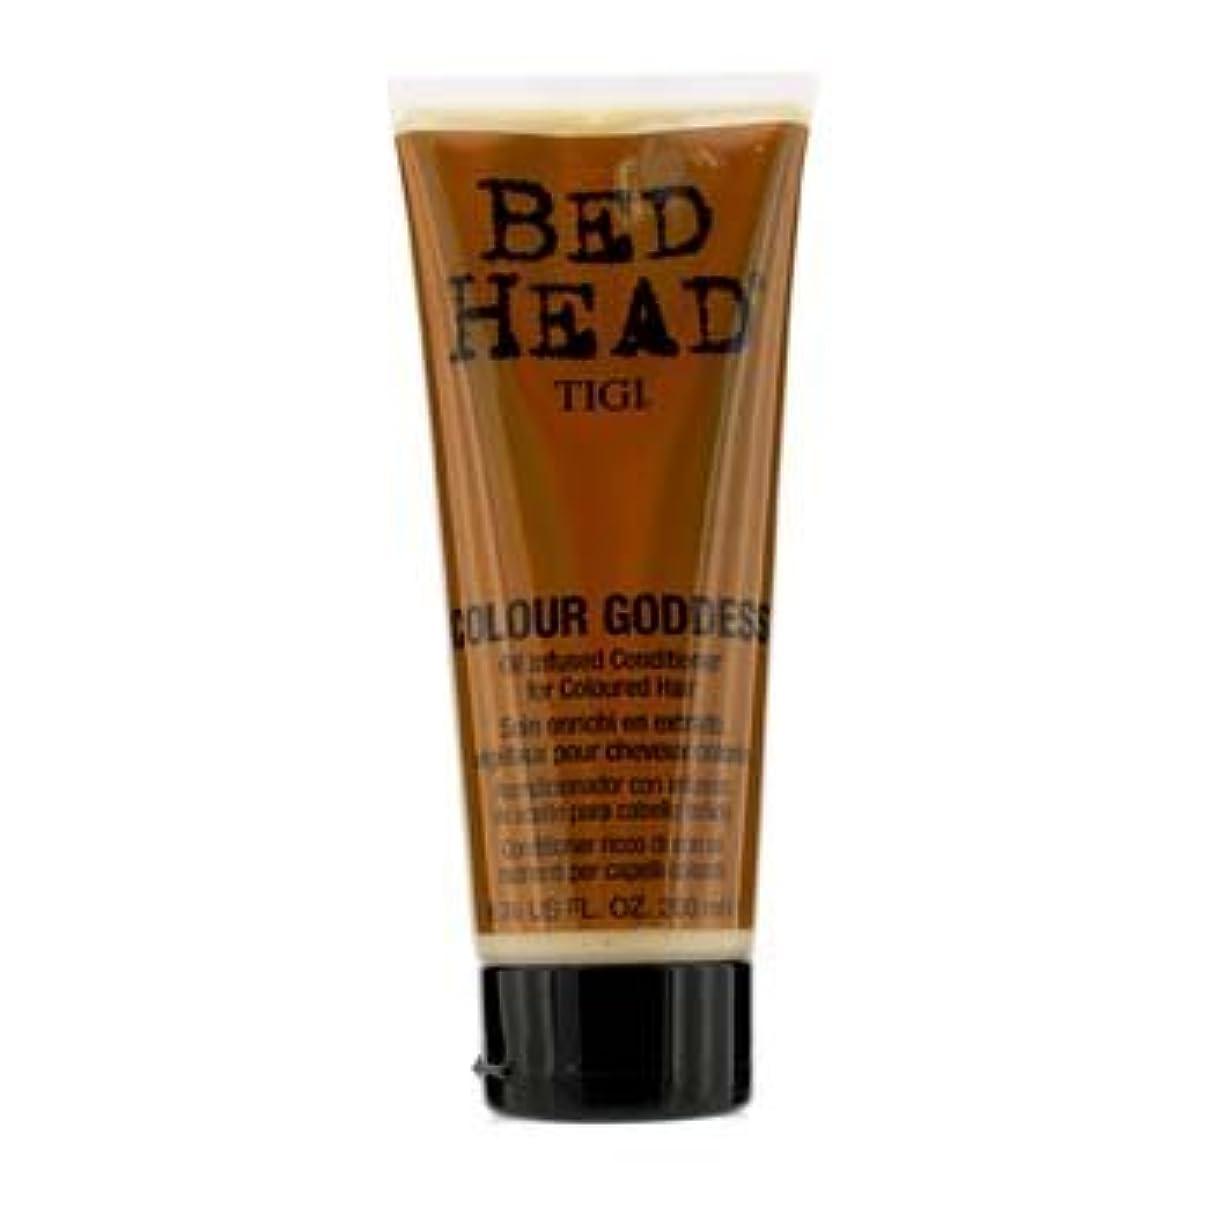 火曜日果てしない皿Tigi Bed Head Colour Goddess Oil Infused Conditioner (For Coloured Hair) 200Ml/6.76Oz by Tigi [並行輸入品]